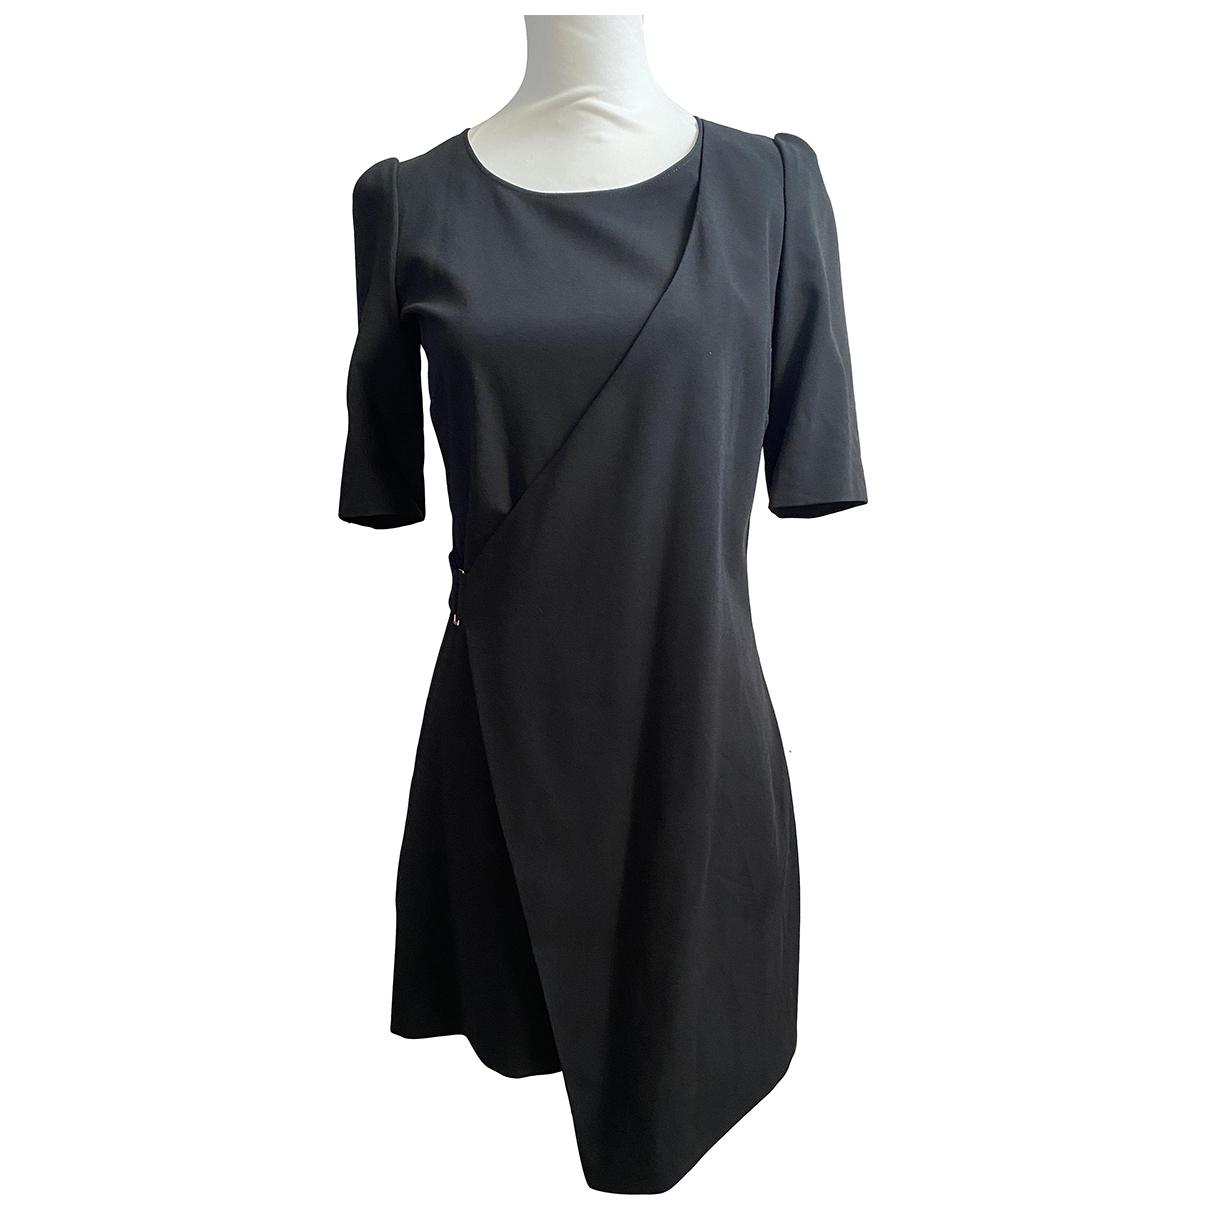 Patrizia Pepe \N Black dress for Women 42 IT